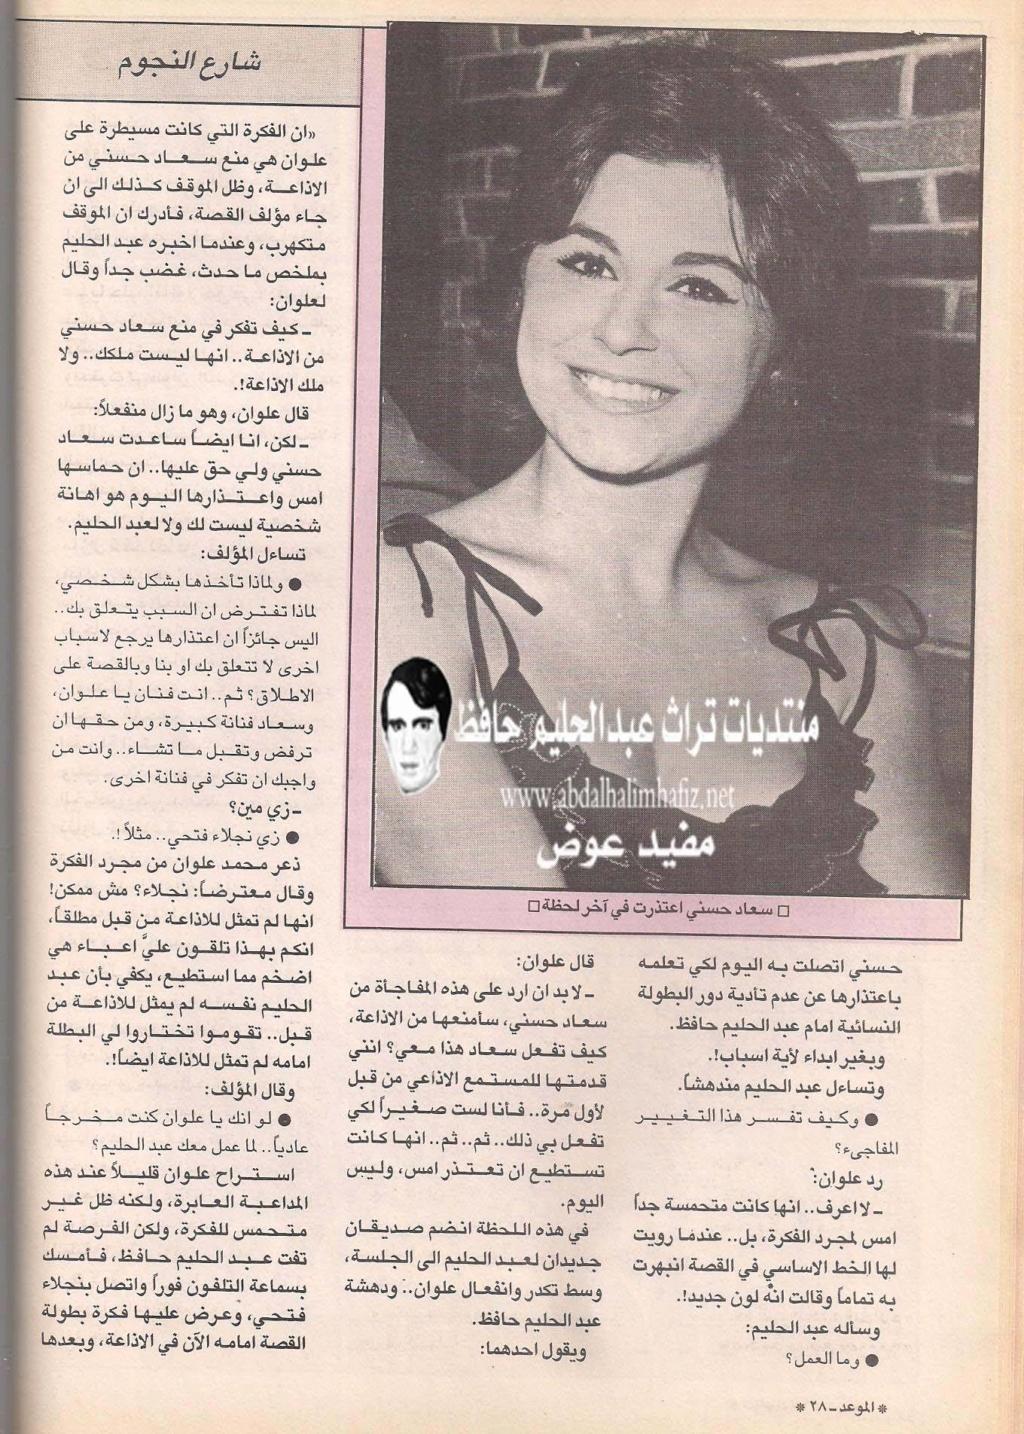 مقال - مقال صحفي : عبدالحليم حافظ .. بين سعاد حسني وصباح .. يختار نجلاء فتحي 1973 م 3161